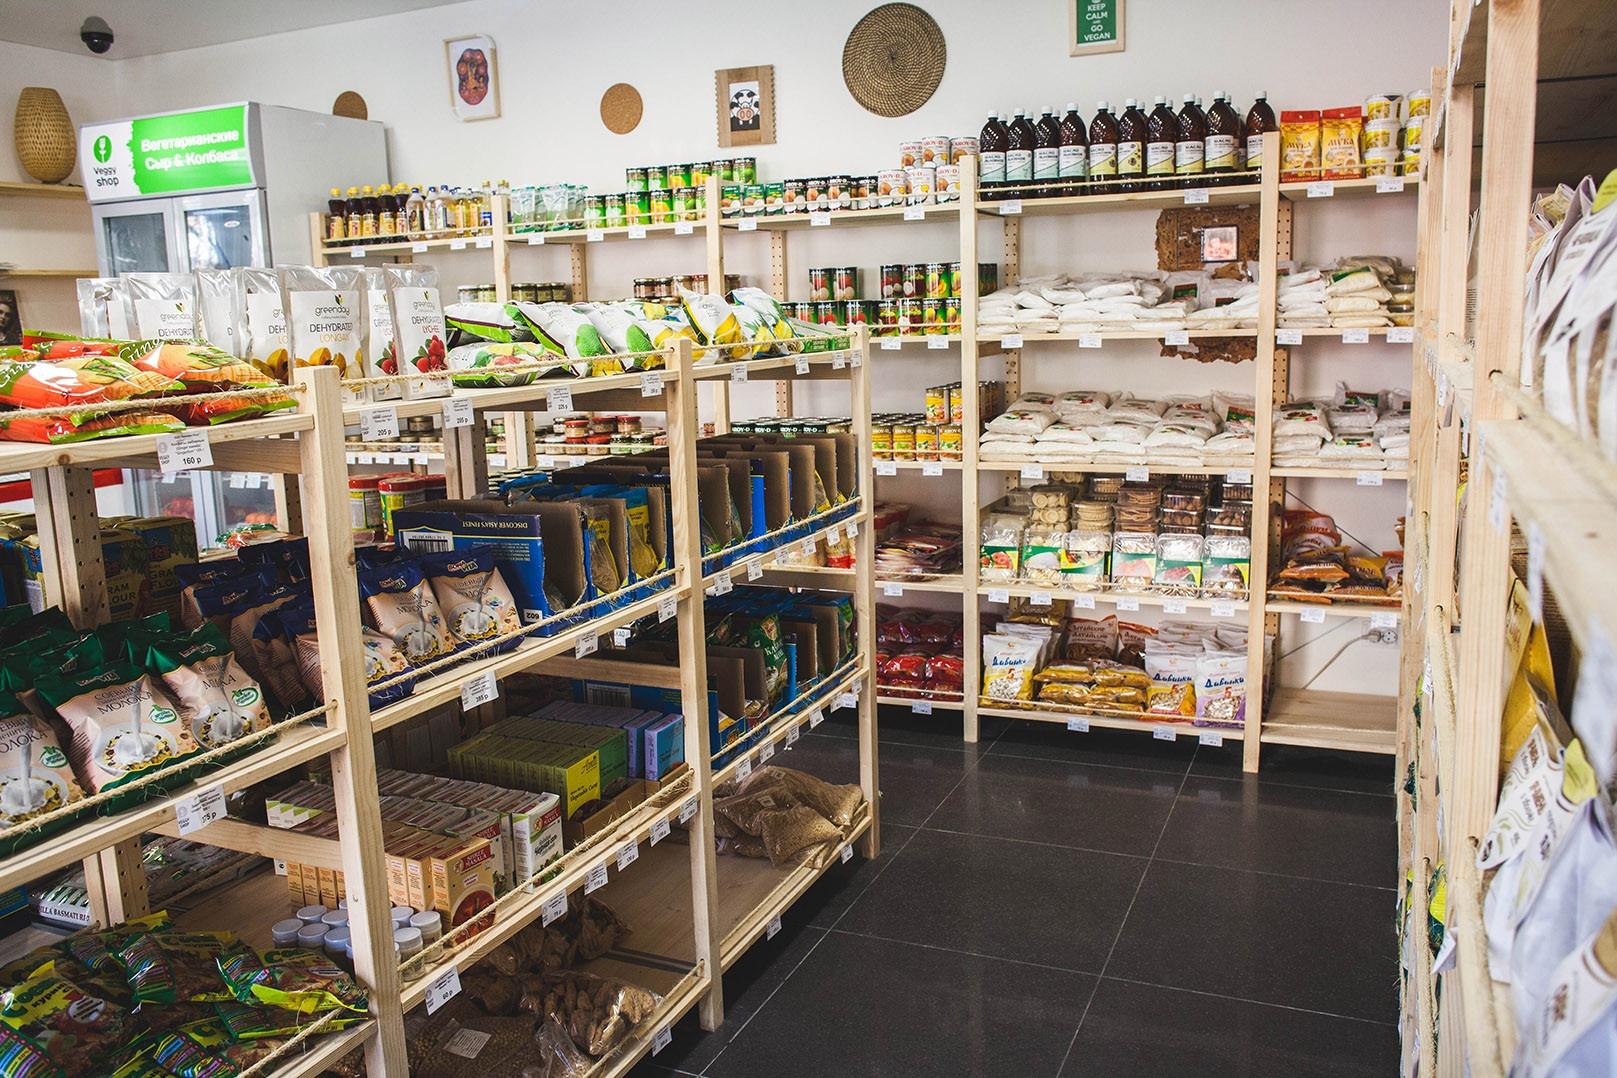 Продуктовый магазин, как вариант иностранного бизнеса в Турции.